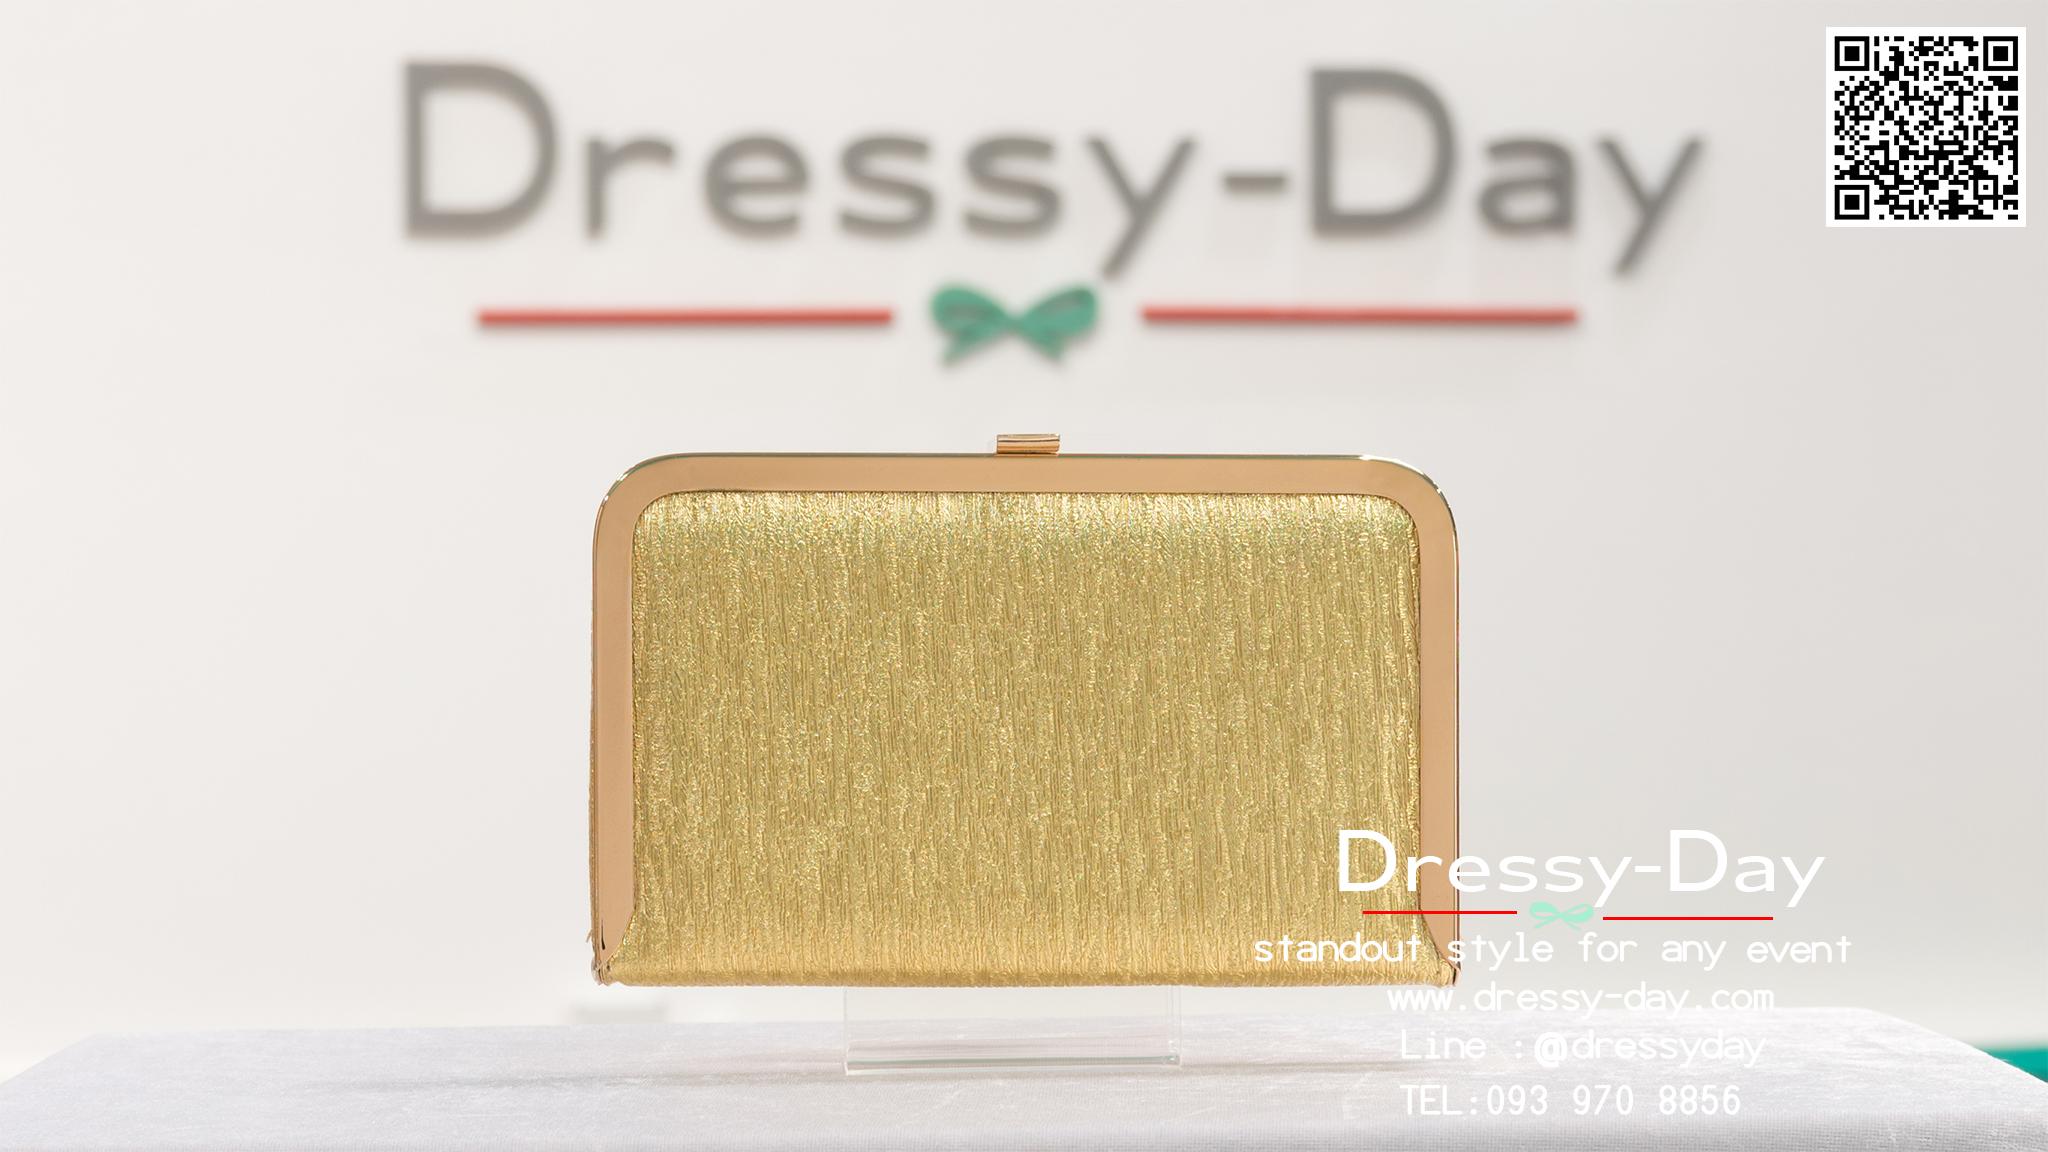 กระเป๋าออกงานพร้อ TE060 : กระเป๋าออกงานพร้อมส่ง สีทอง กระเป๋าคลัชตกแต่งกริตเตอร์สวยหรูมากค่ะ ราคาถูกกว่าห้าง ถือออกงาน หรือ สะพายออกงาน น่ารักที่สุด